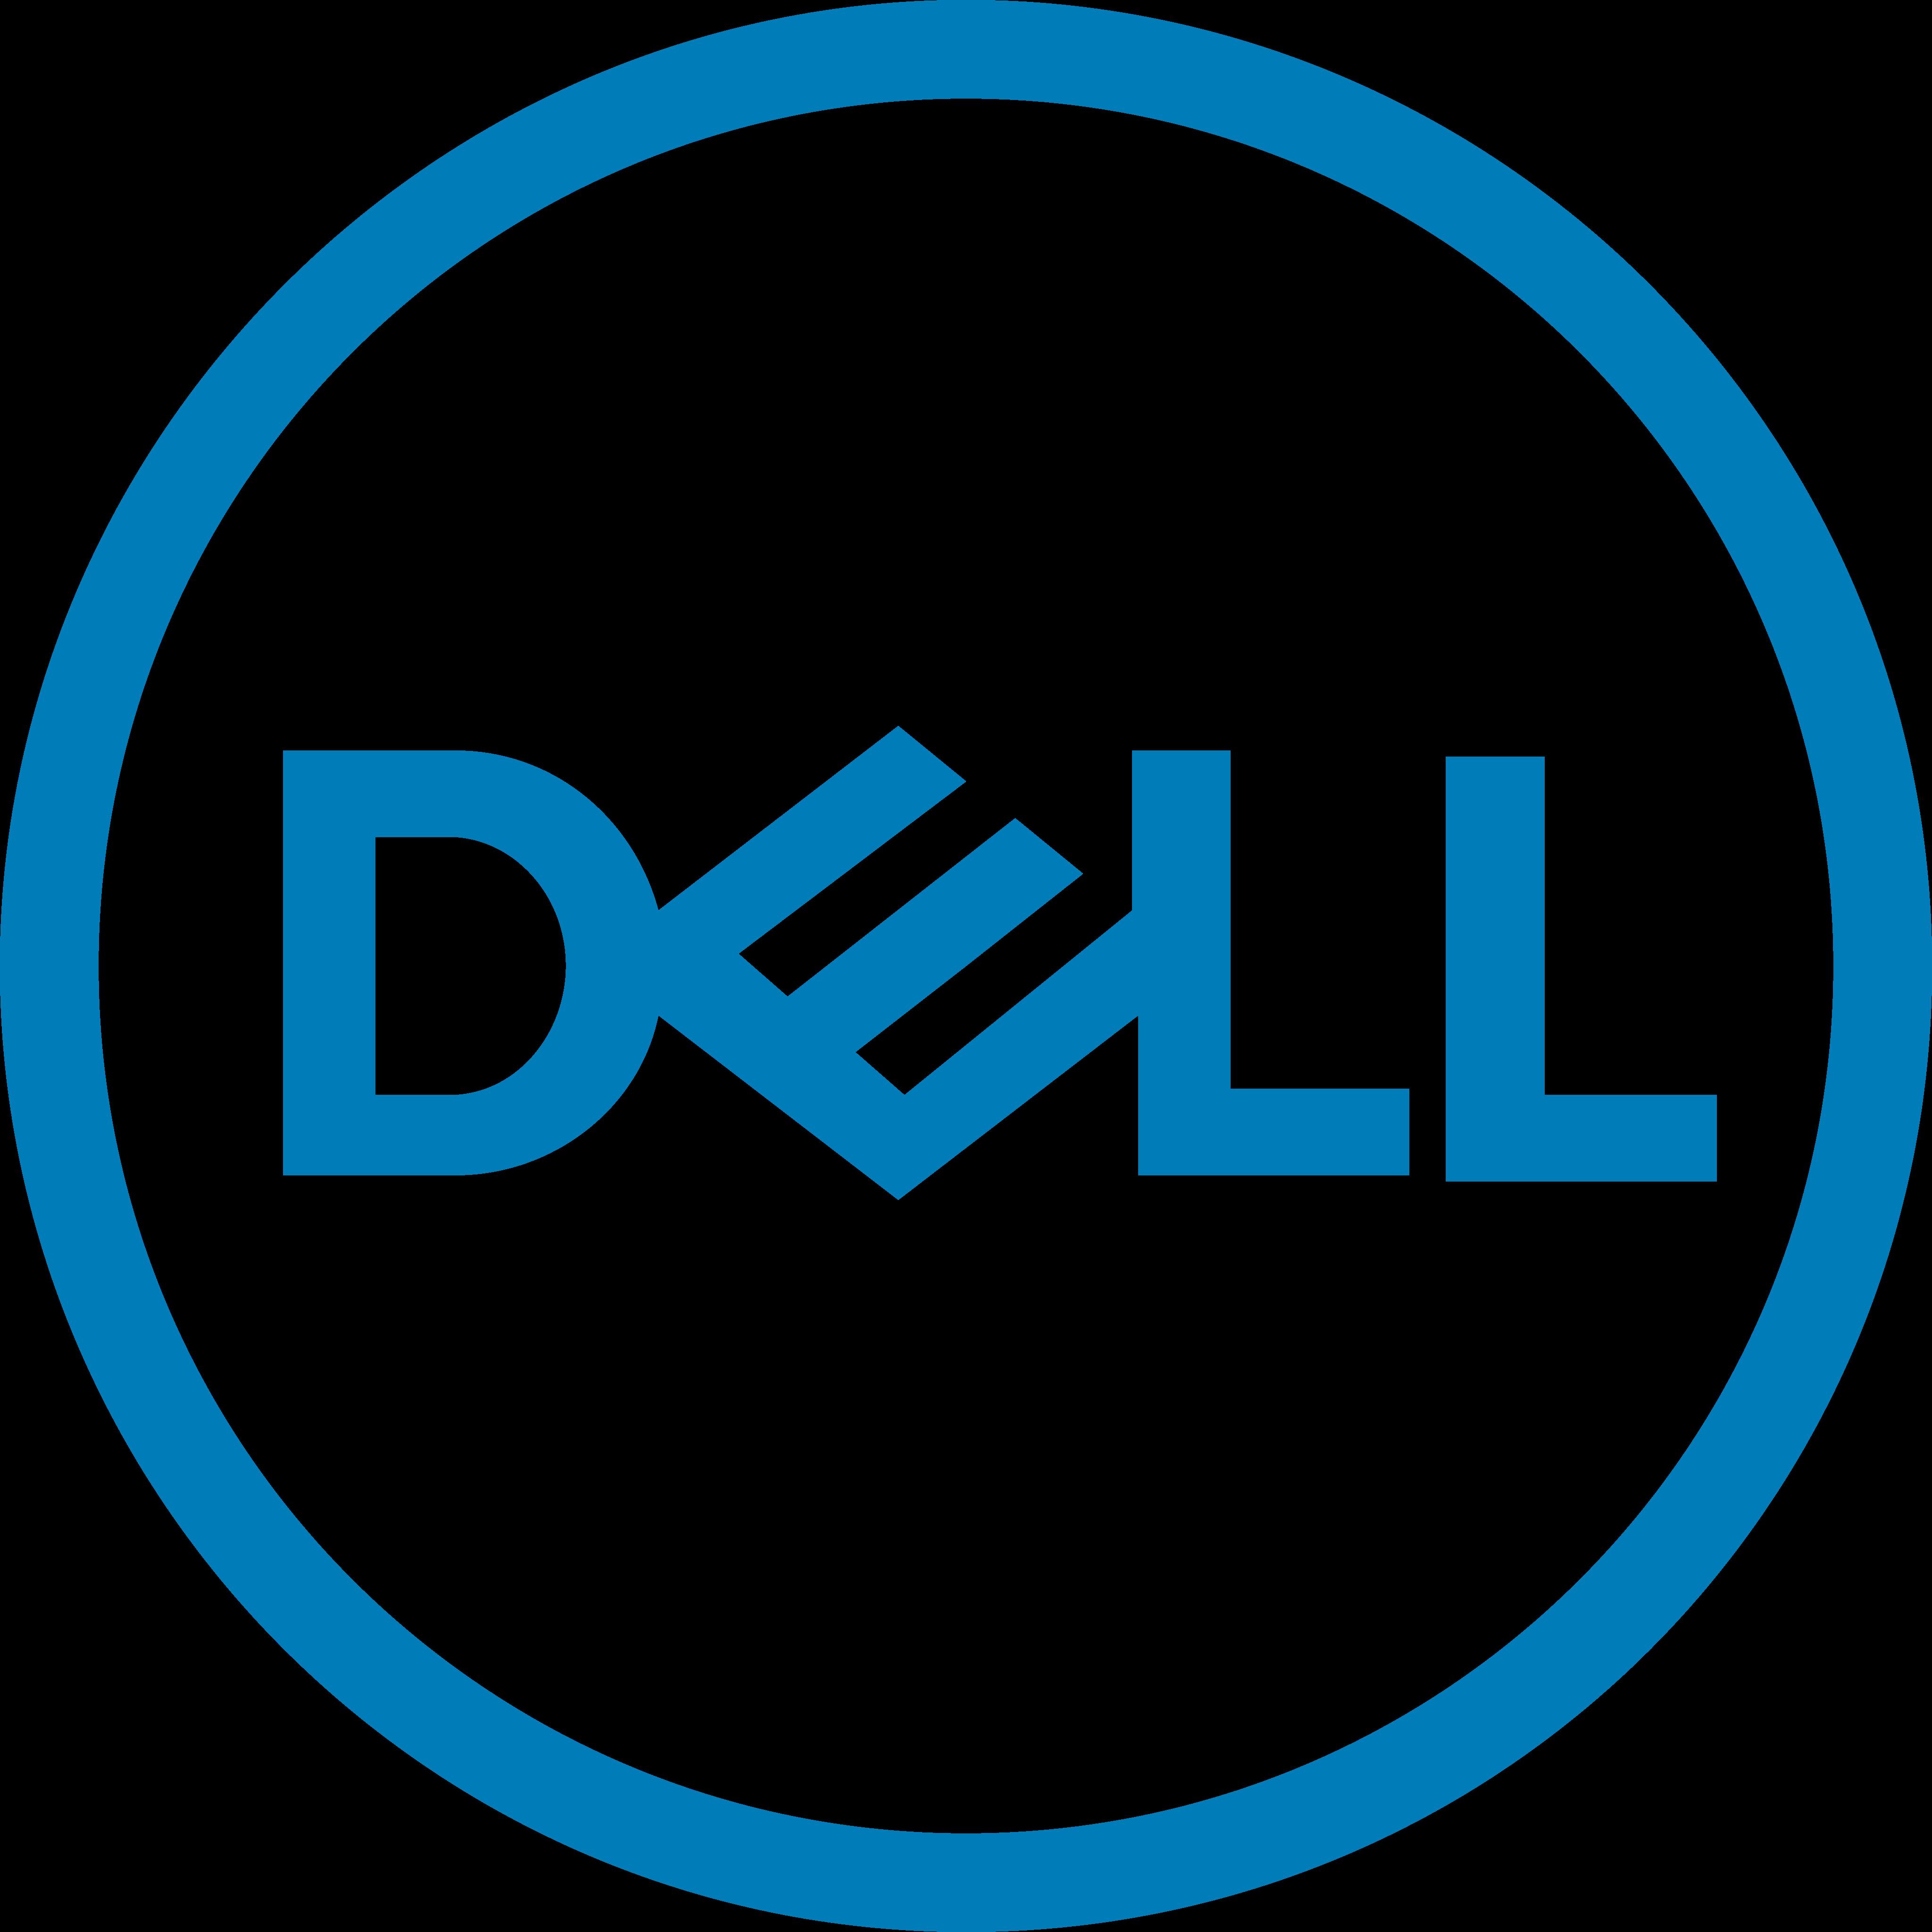 dell logo 16 - Dell Logo